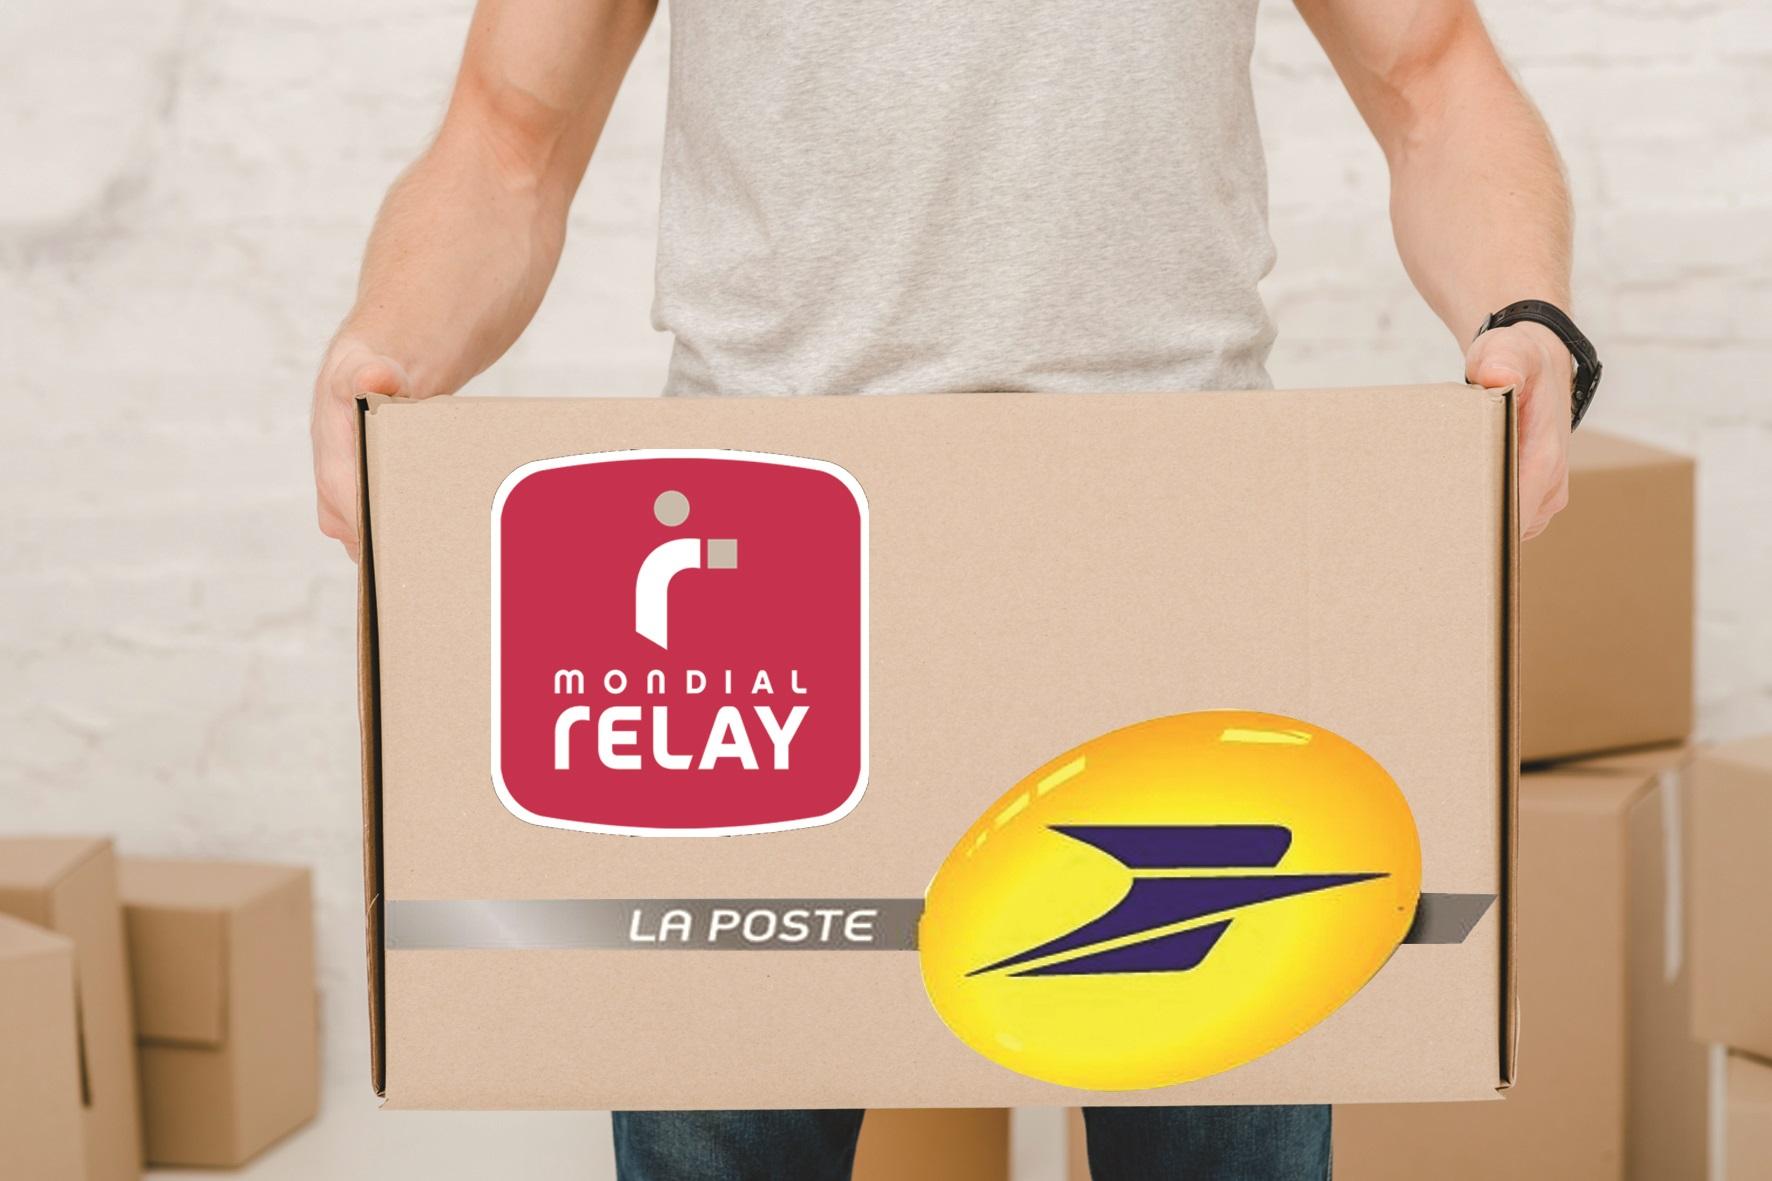 Livraison gratuite par Mondial Relay à partir de 40 euros d'achat sur laboiteauxpieces